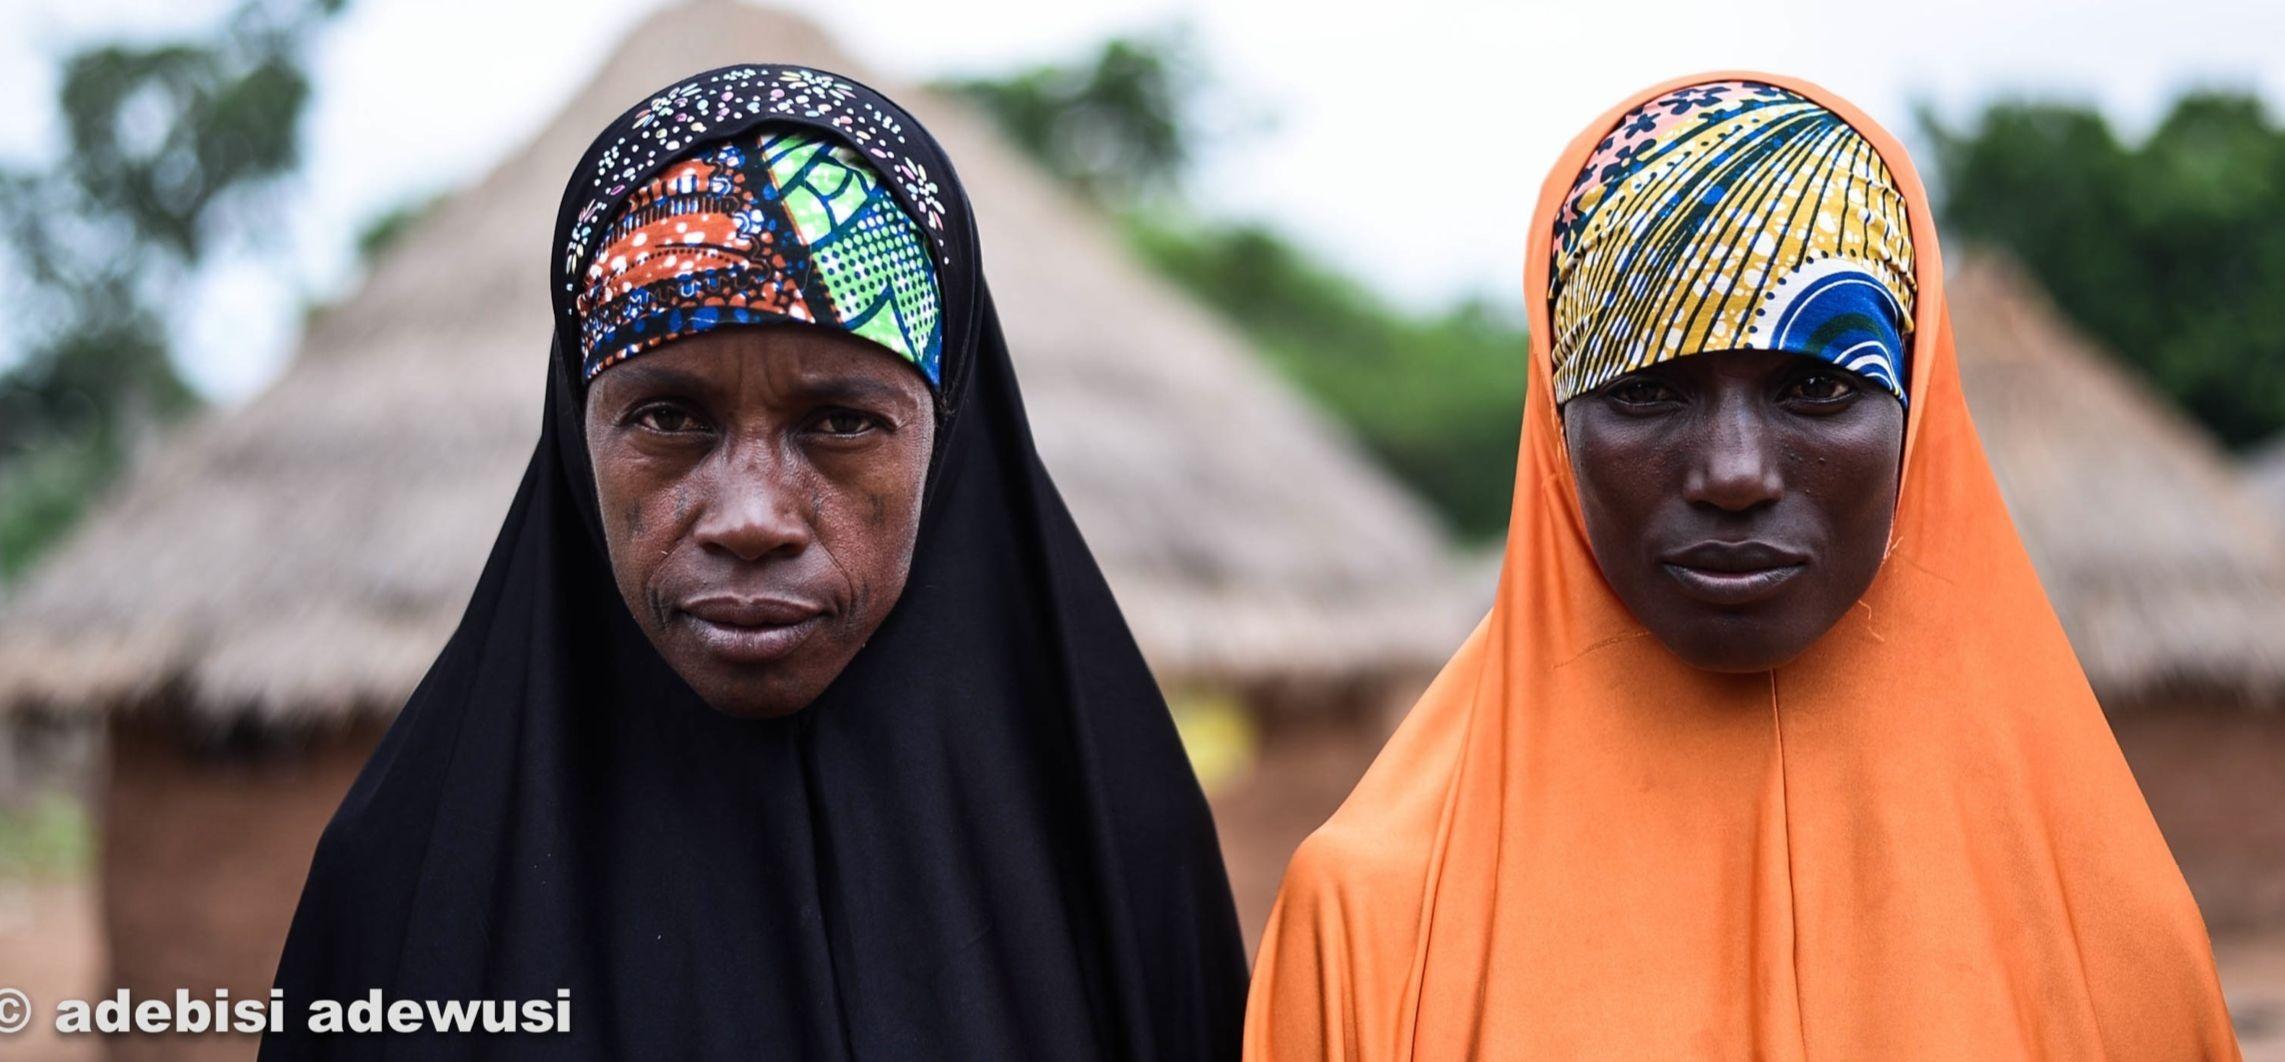 Adebisi Adewusi Photography Fulani Settlement 2